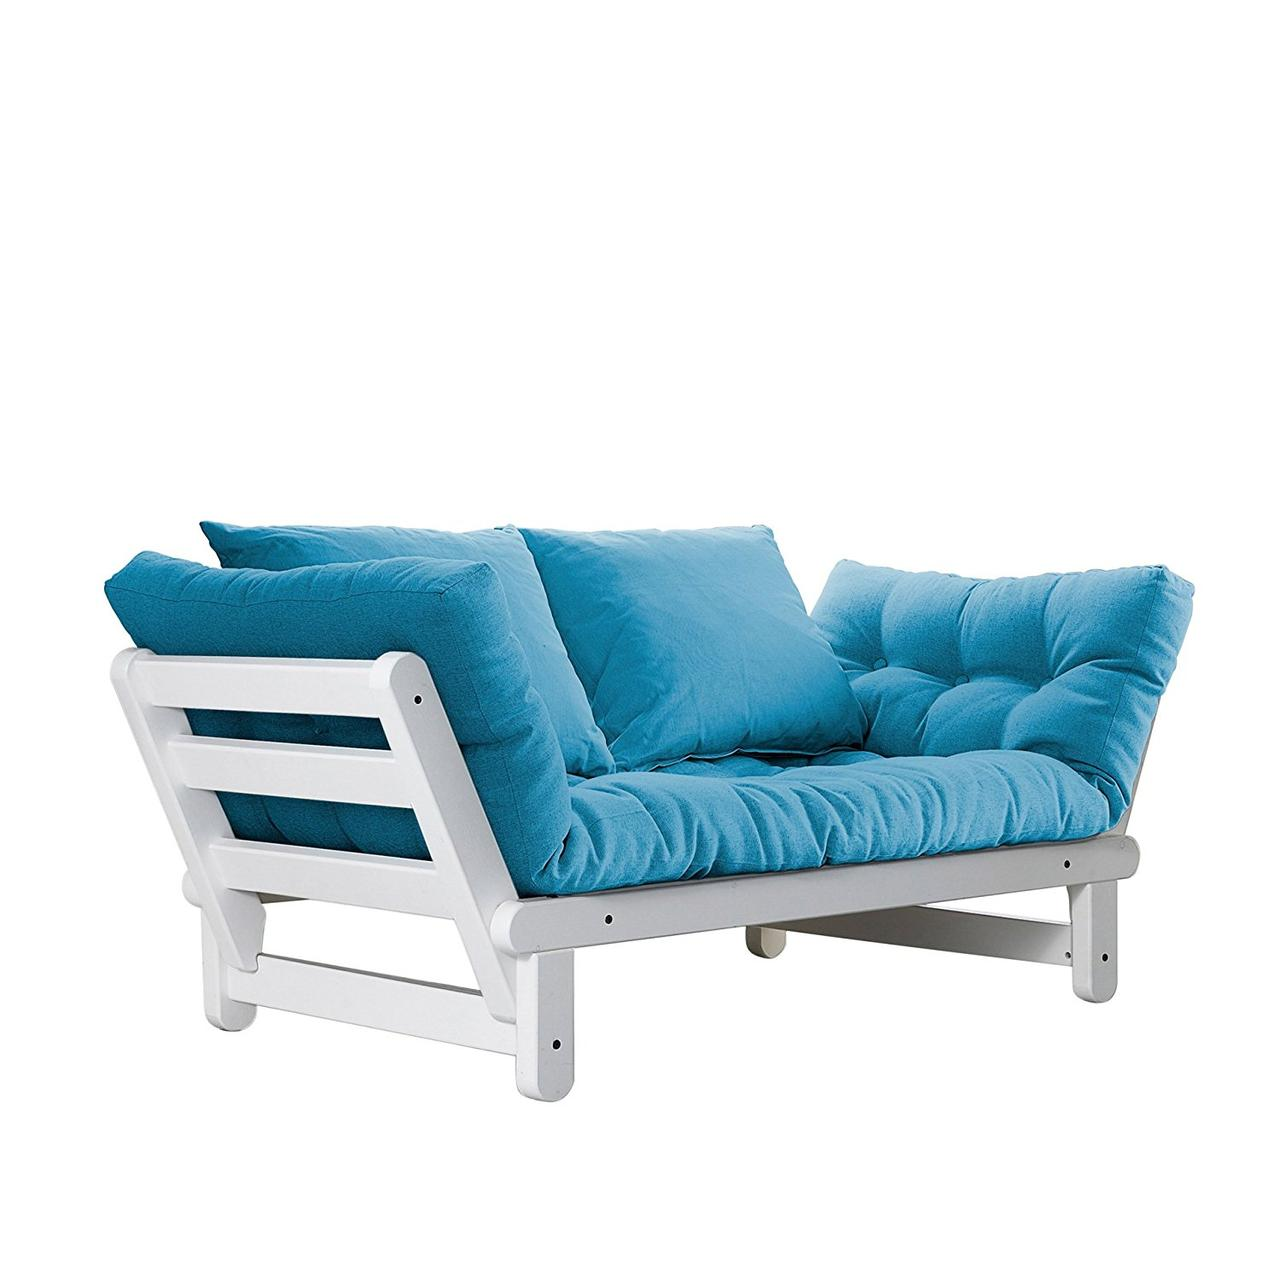 диван каптюр Beat диван раскладноймаленький дивандиван